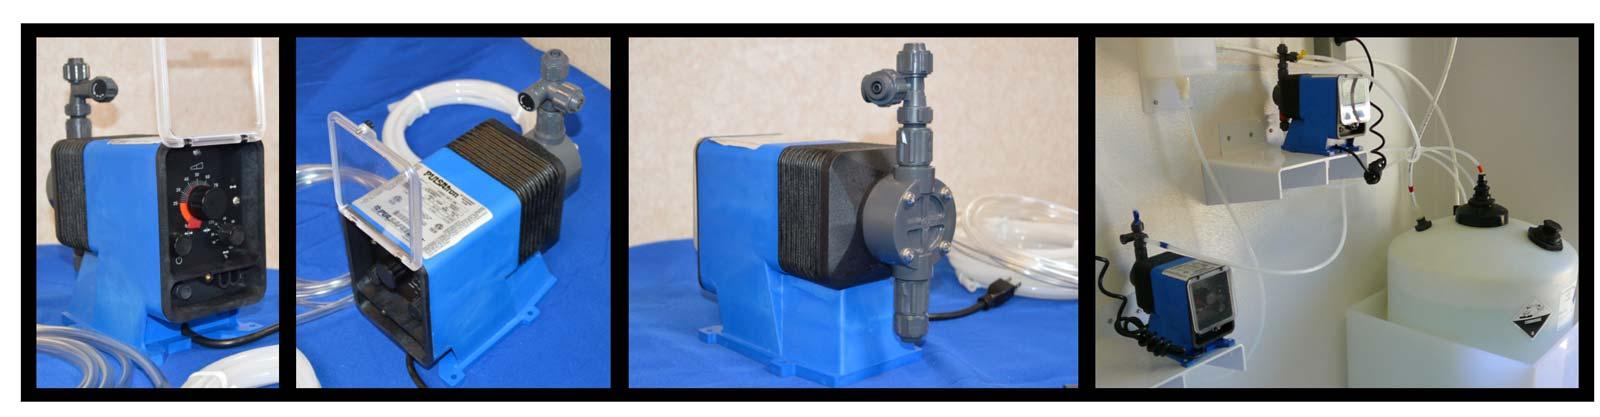 PULSAtron Pumps